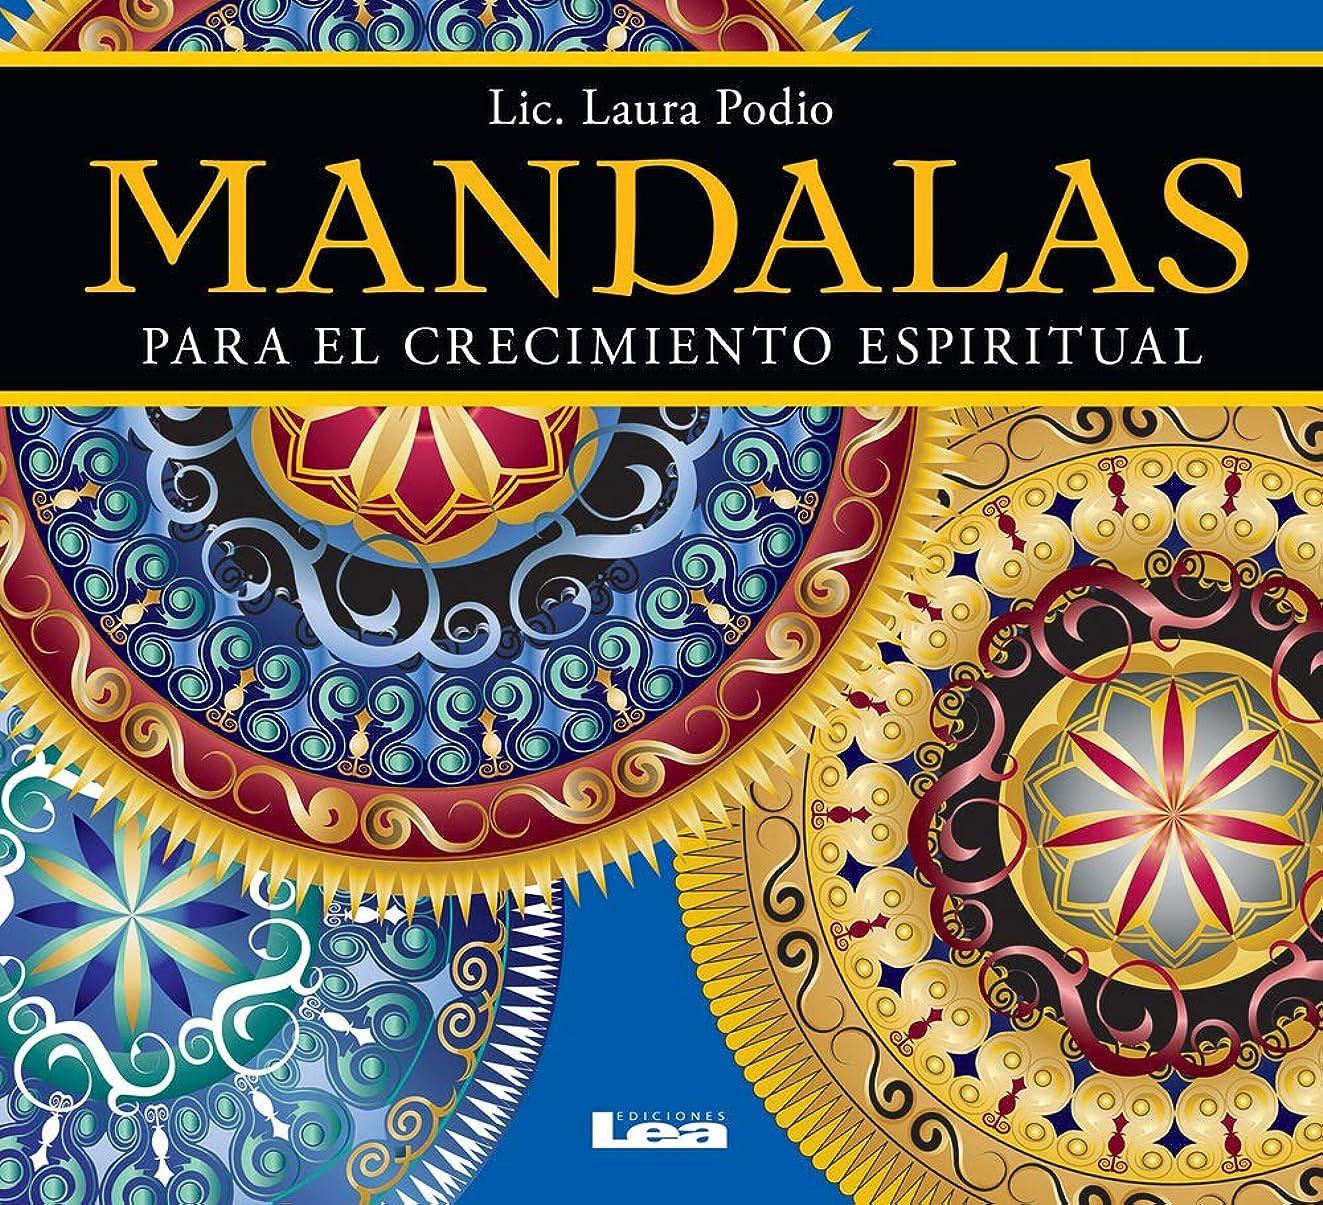 Mandalas para el crecimiento espiritual (Spanish Edition) epcy50371